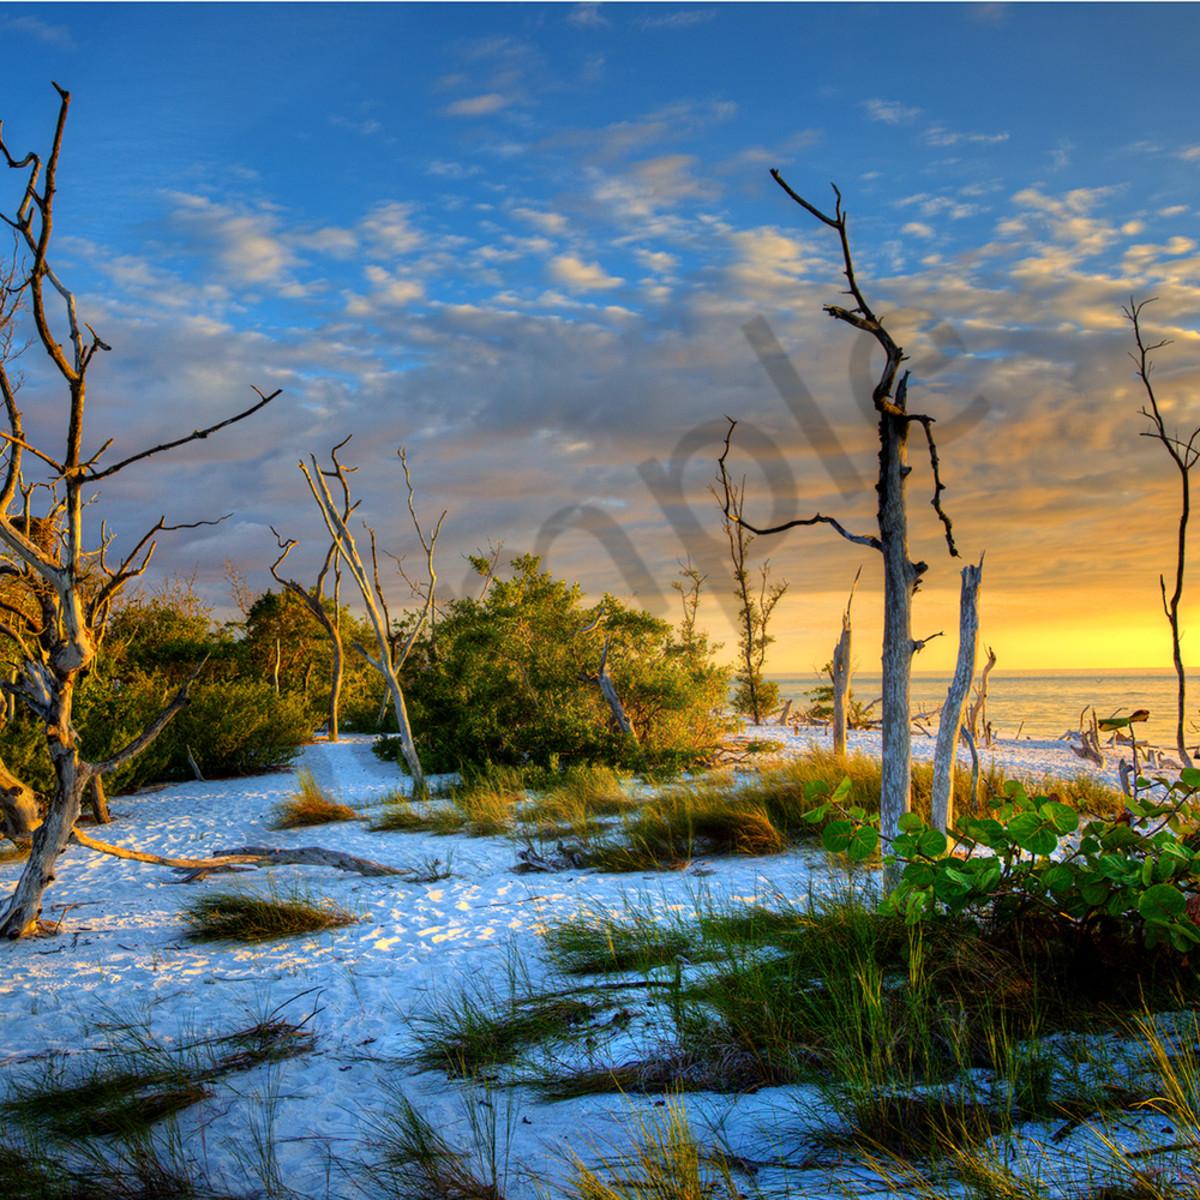 8017 hickory island  bonita springs fl gb7dib